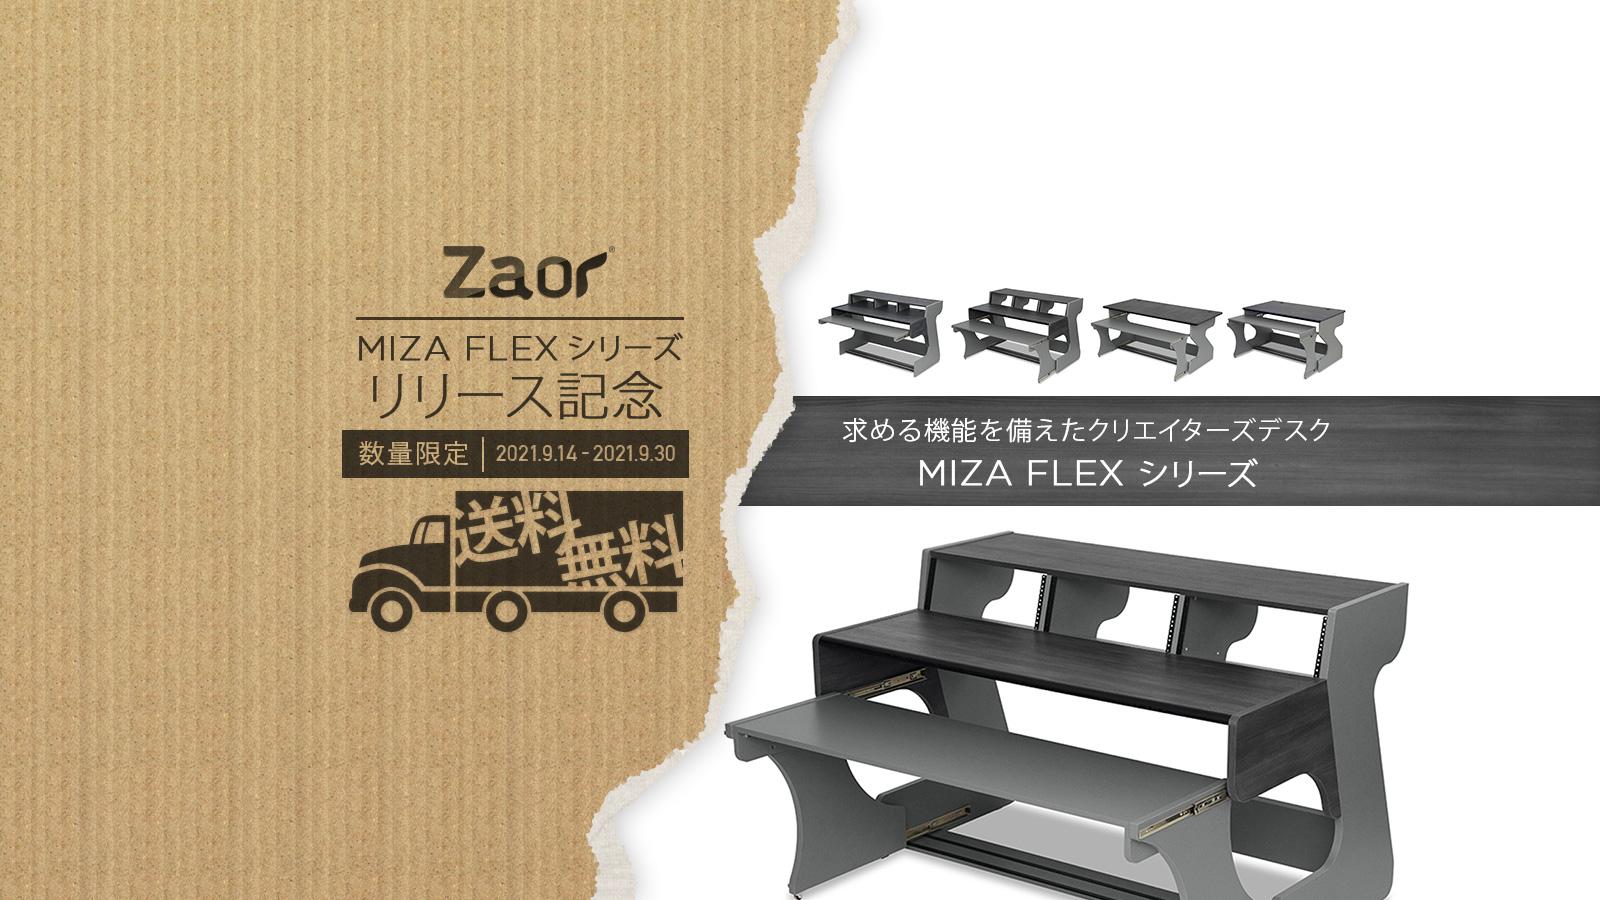 MIZA FLEXシリーズ リリース記念 送料無料キャンペーン